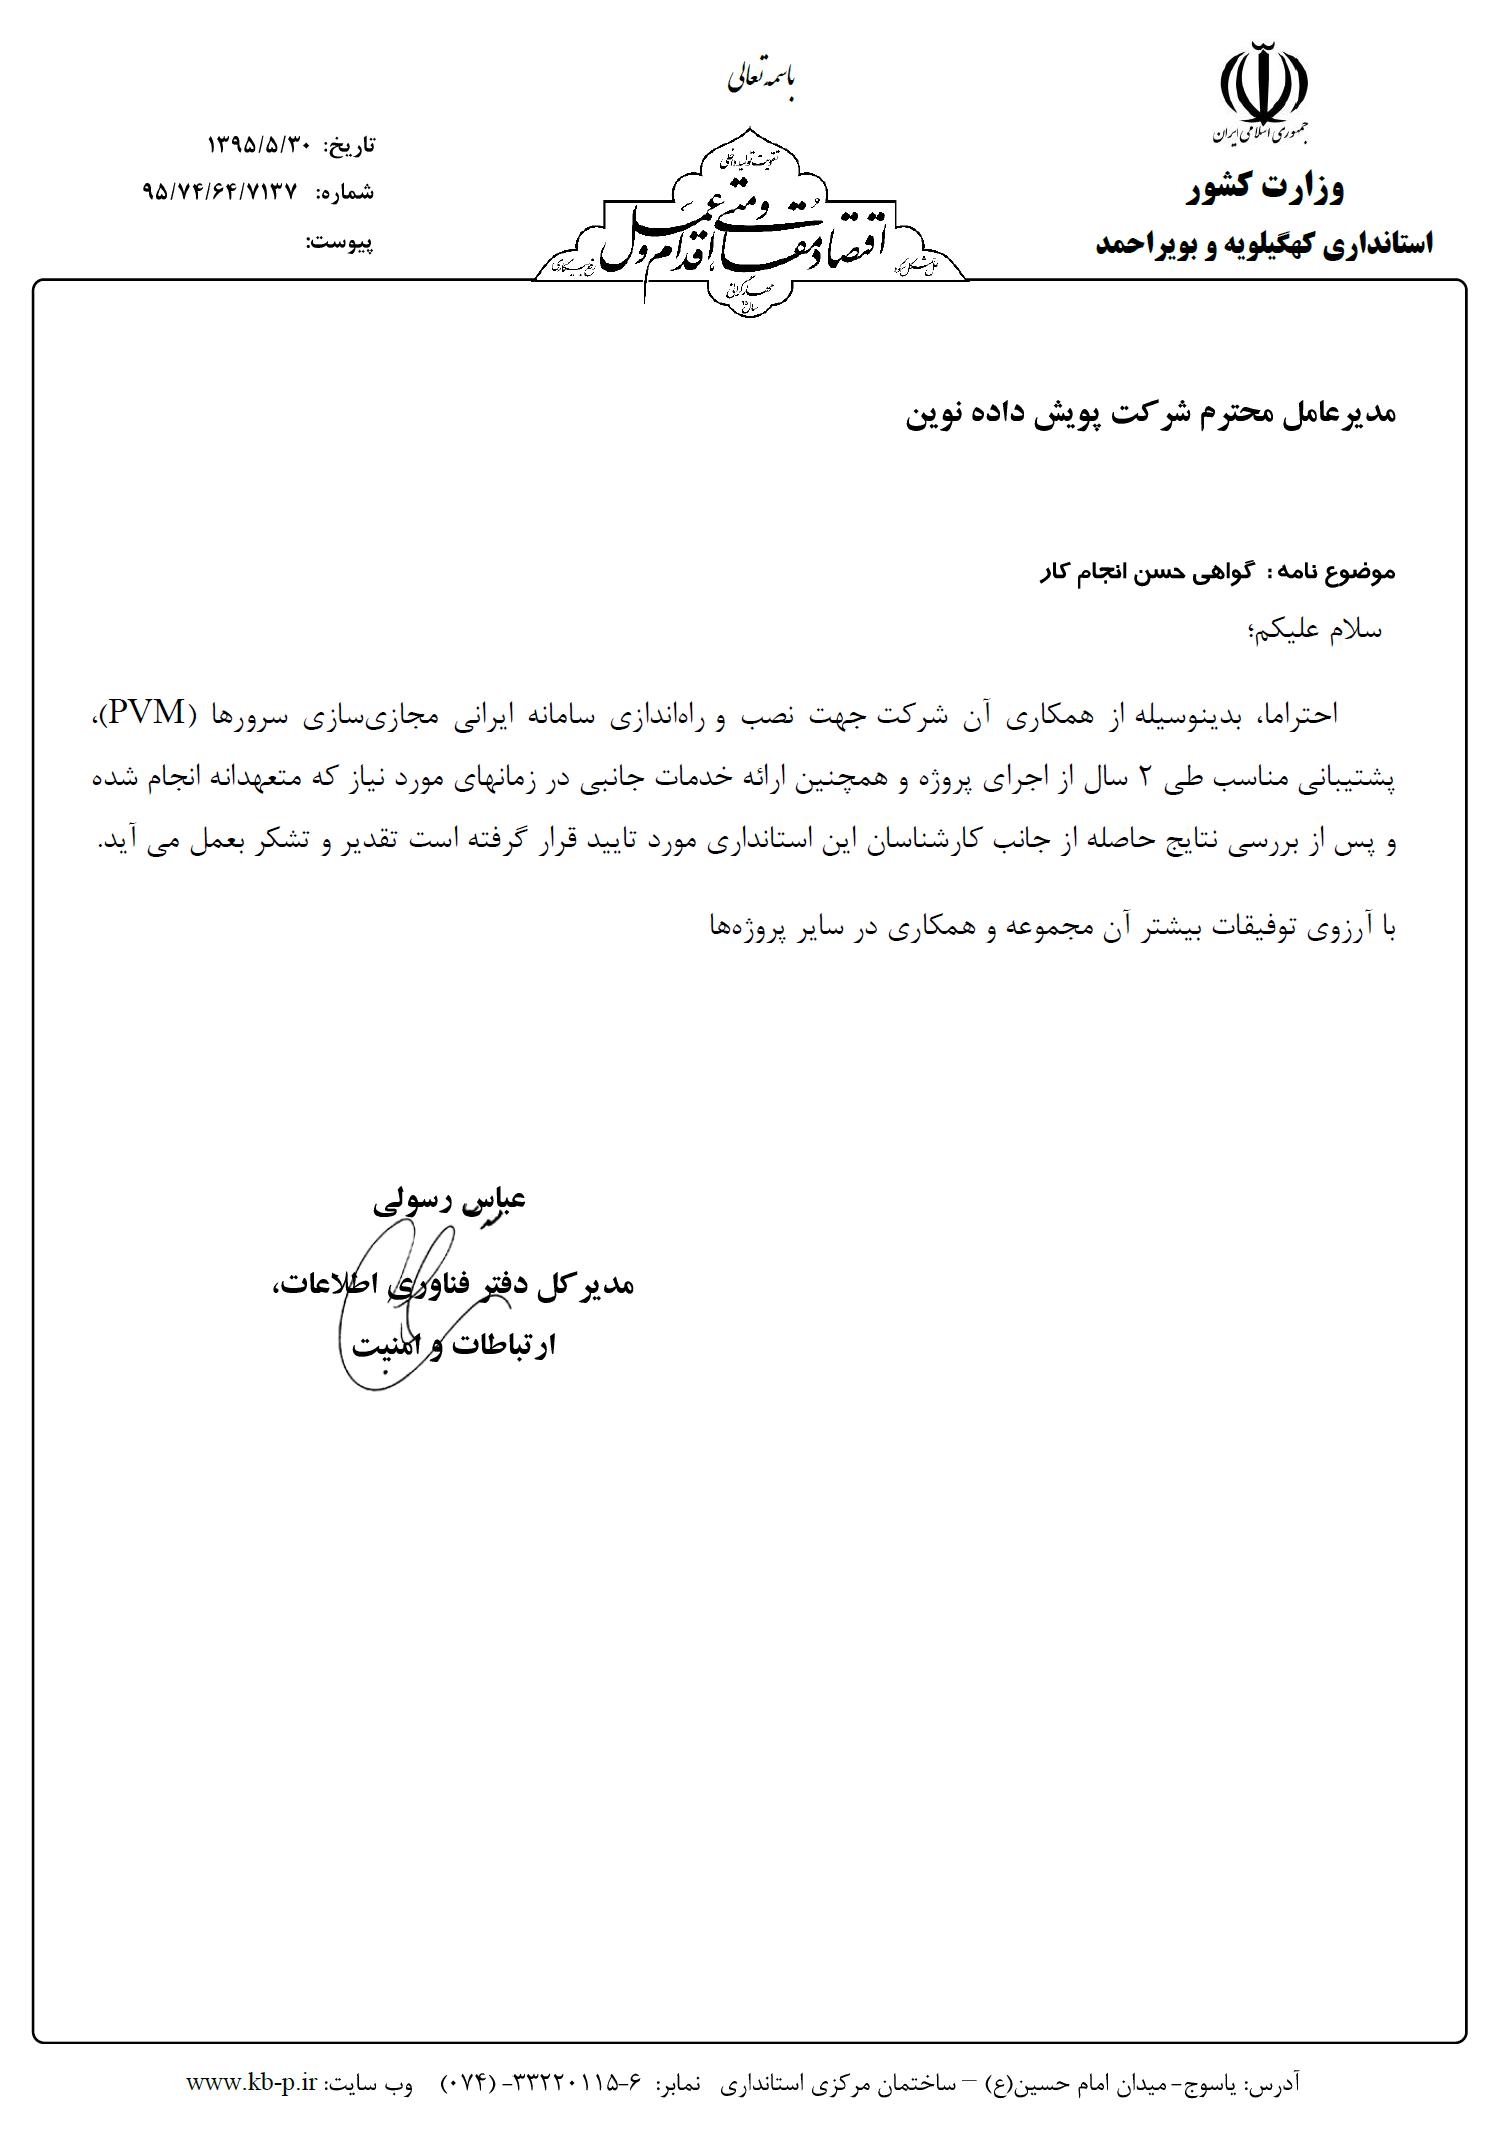 حسن انجام کار، استانداری کهگیلویه و بویر احمد.png -